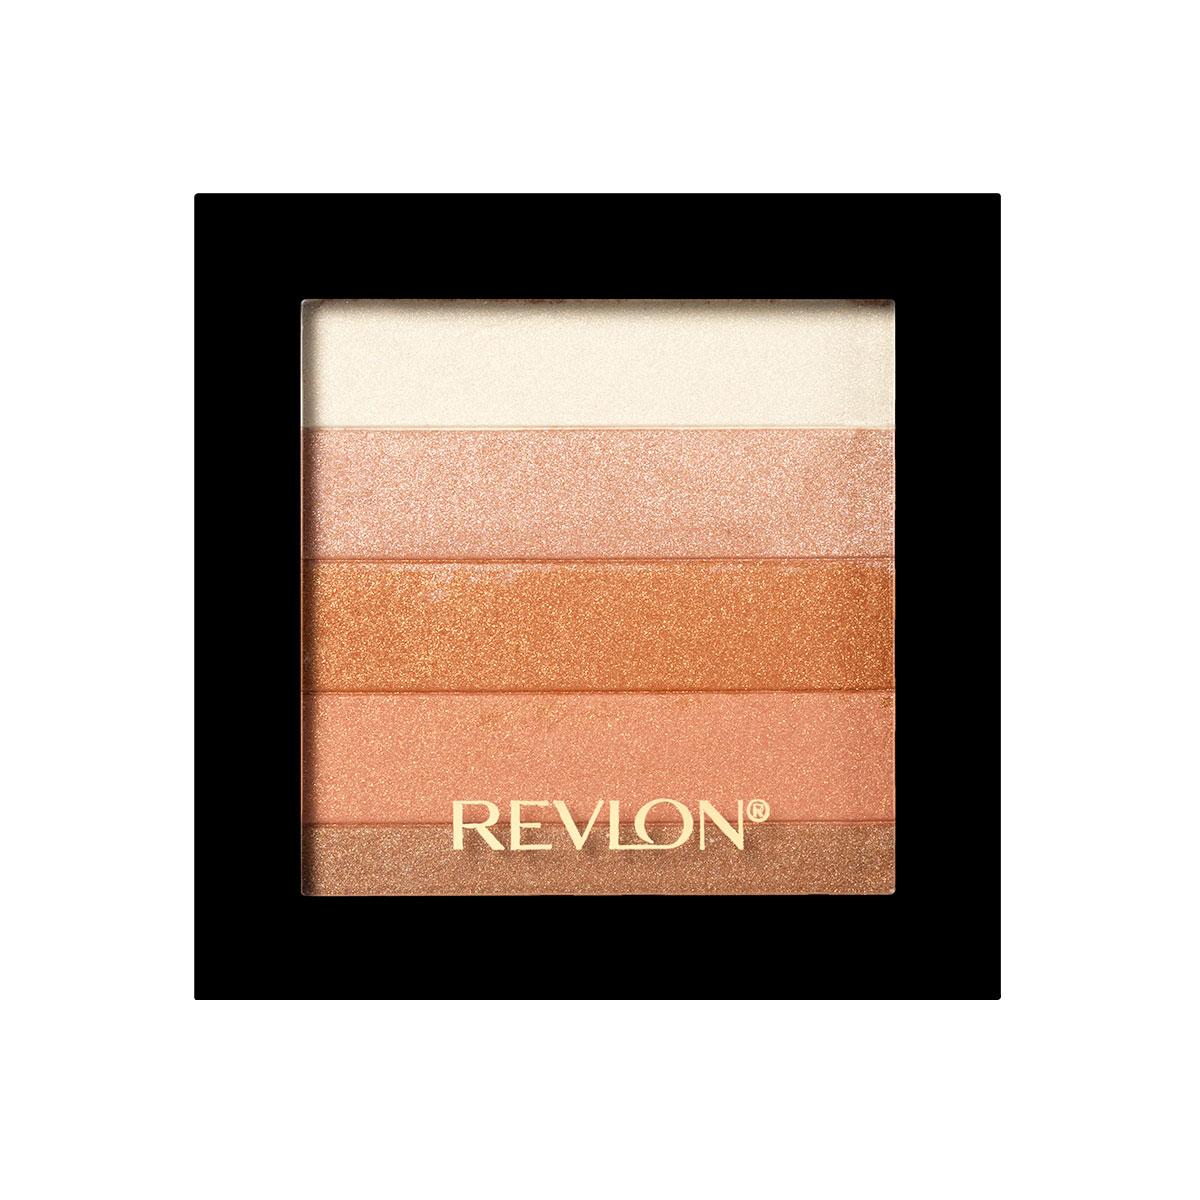 Revlon Палетка Хайлайтеров для Лица Highlighting Palette Bronze glow 030 40 г1301210Revlon Highlighting Palette - это пленительная гамма цветов, представленных в одной палетке. Входящие в ее состав сияющие оттенки чудесным образом гармонируют друг с другом, освежая цвет лица и придавая ему оттенок легкого загара. Используйте палетку хайлайтеров для того, чтобы с помощью мерцающих частиц зрительно улучшить внешний вид кожи, придав ей свечение.нанесите хайлайтер с помощью кисти на выступающие части лица: верхнюю часть скул, спинку носа, галочку над верхней губой.